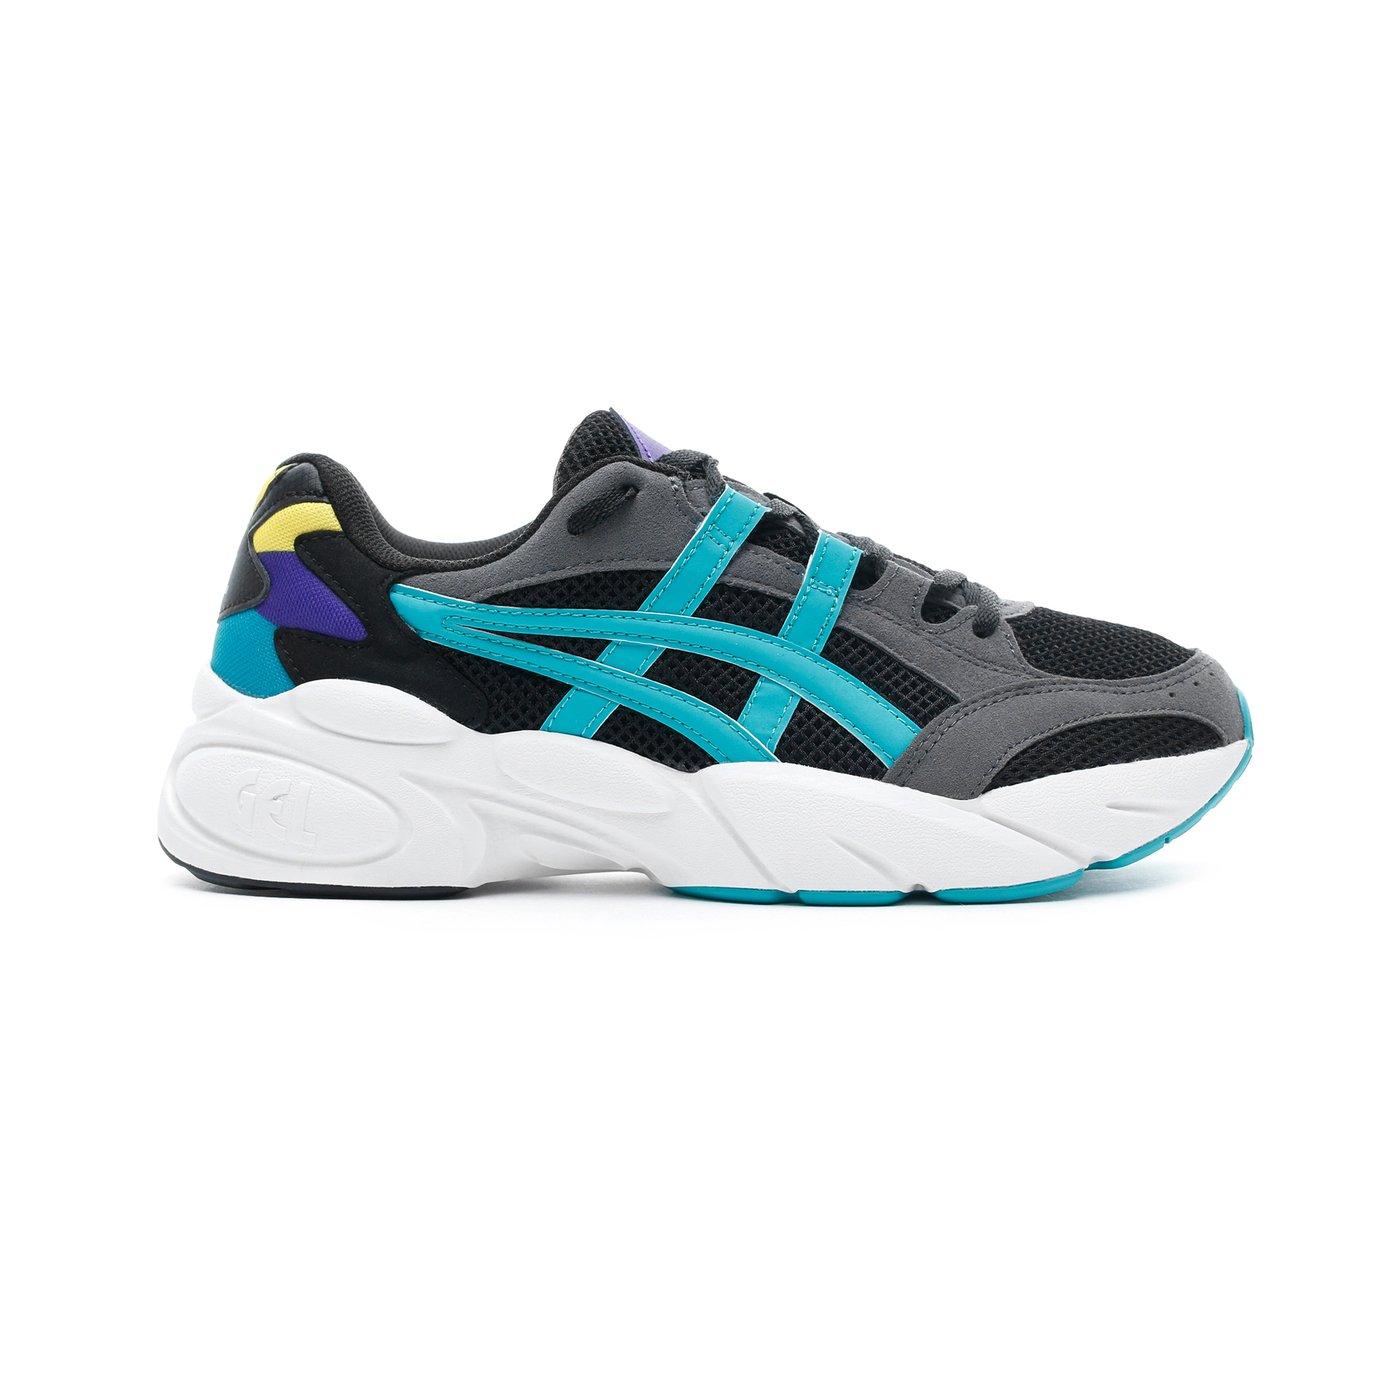 Asics Gel-BND Siyah - Mavi Erkek Spor Ayakkabı